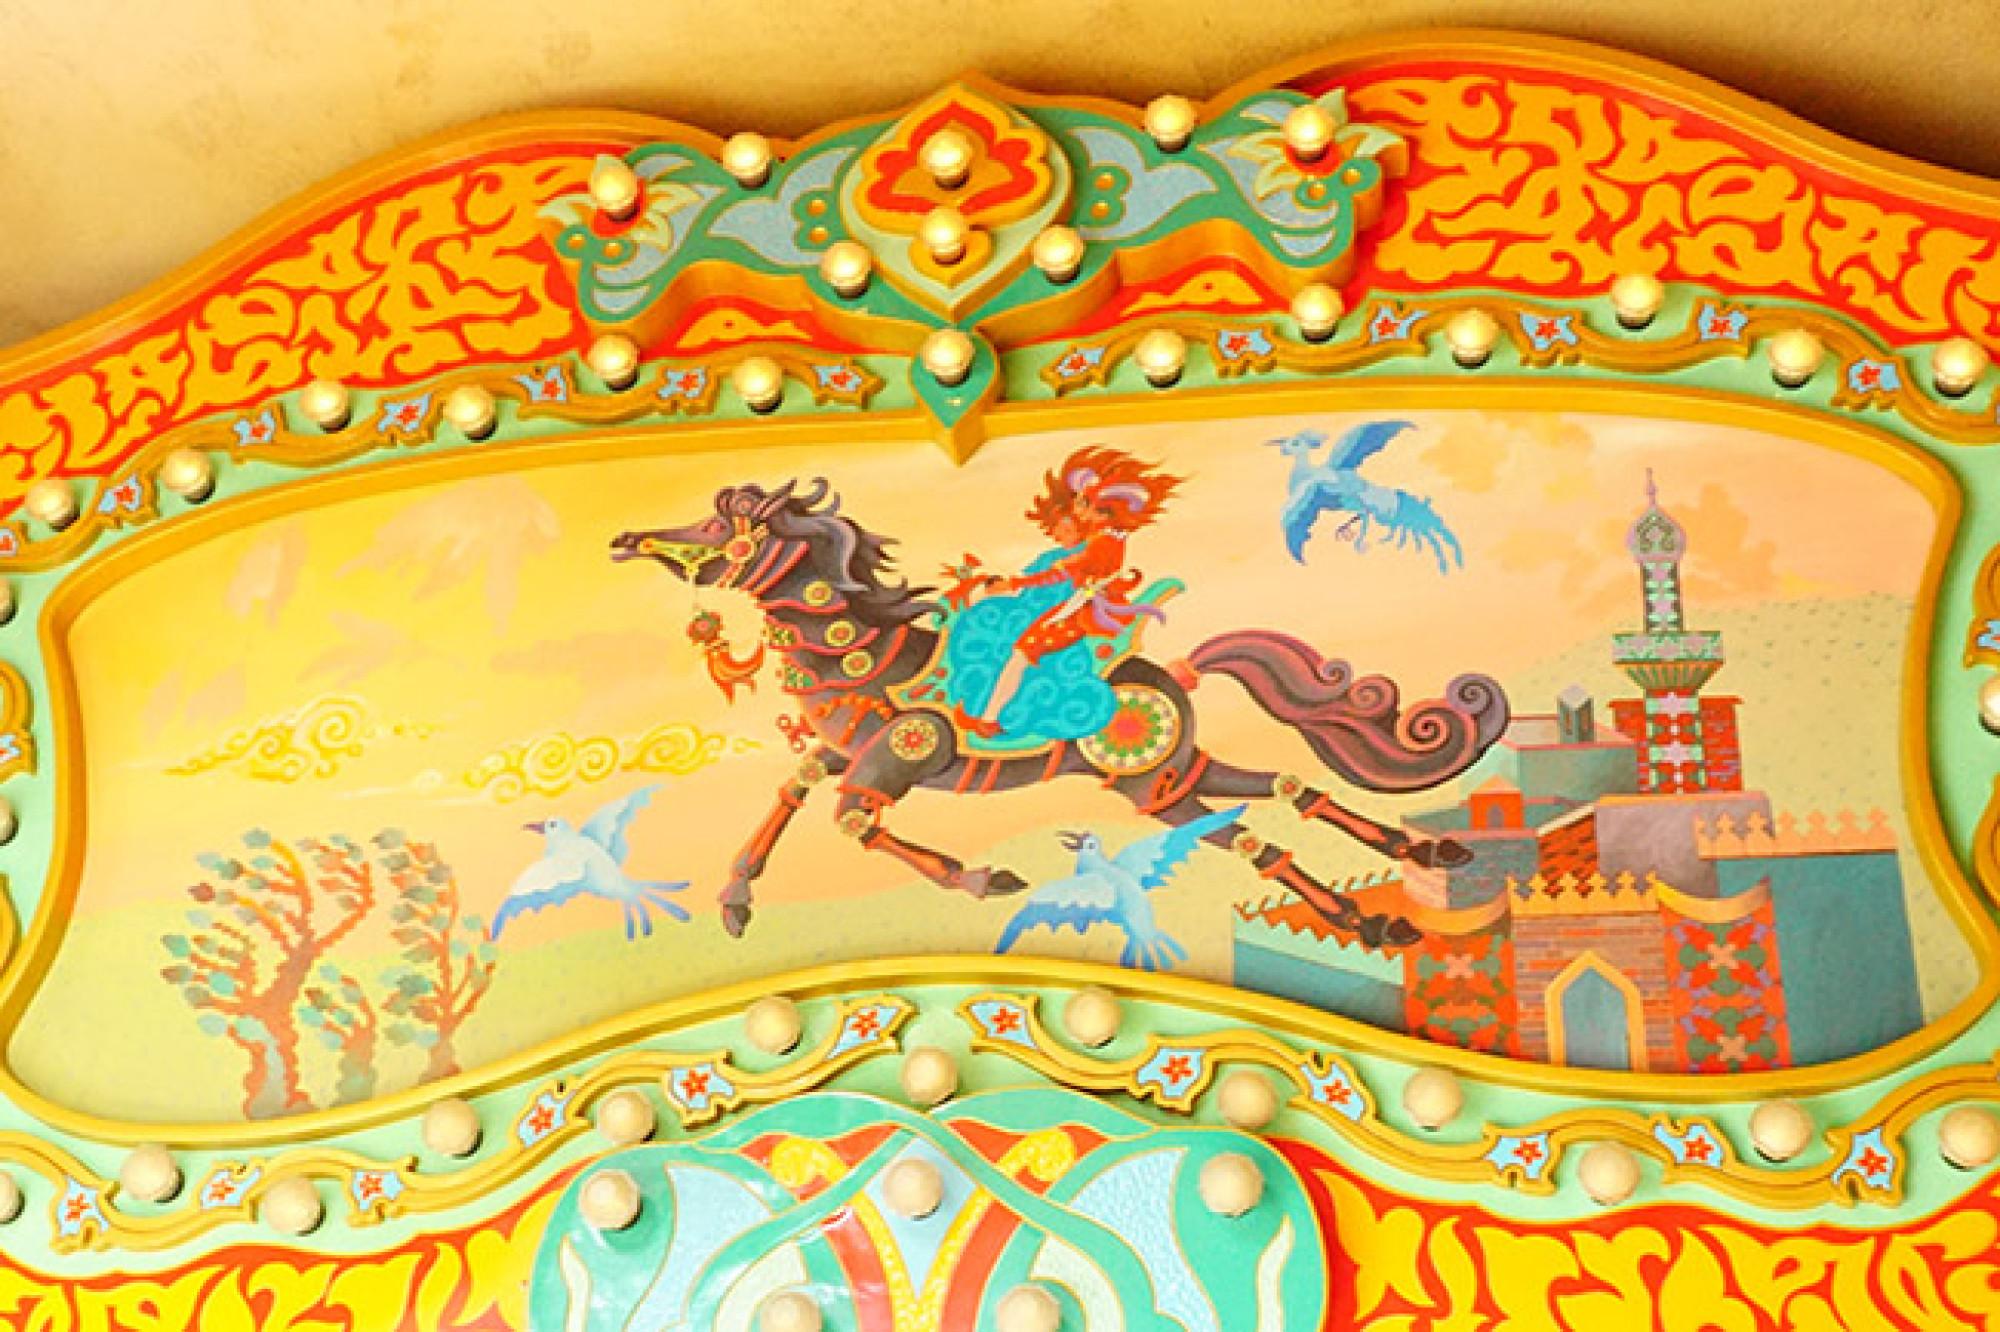 物語に登場する馬に乗ることもできる!